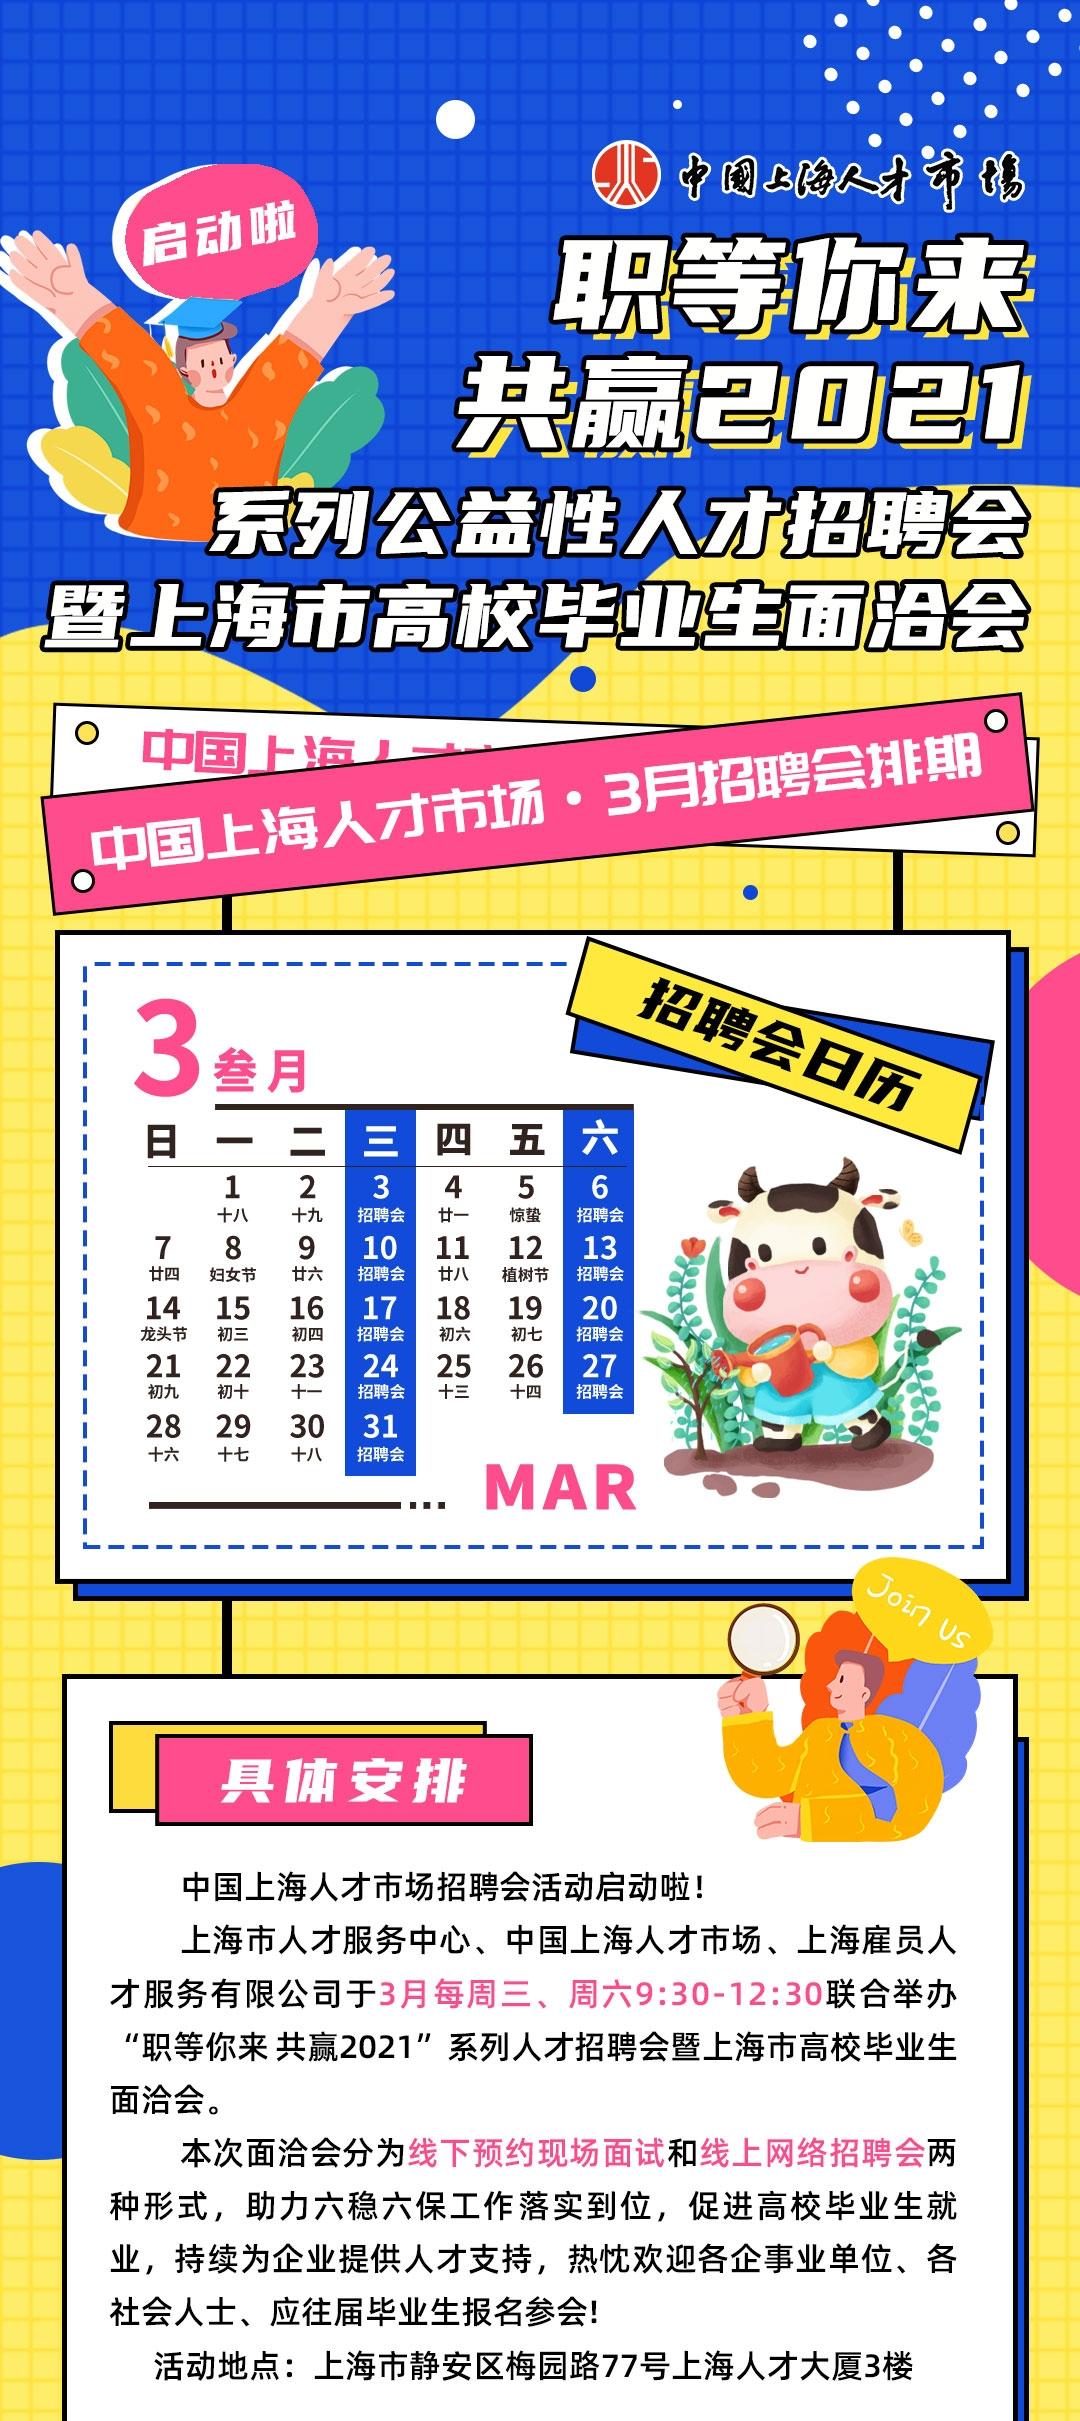 3月招聘会日历_01.jpg